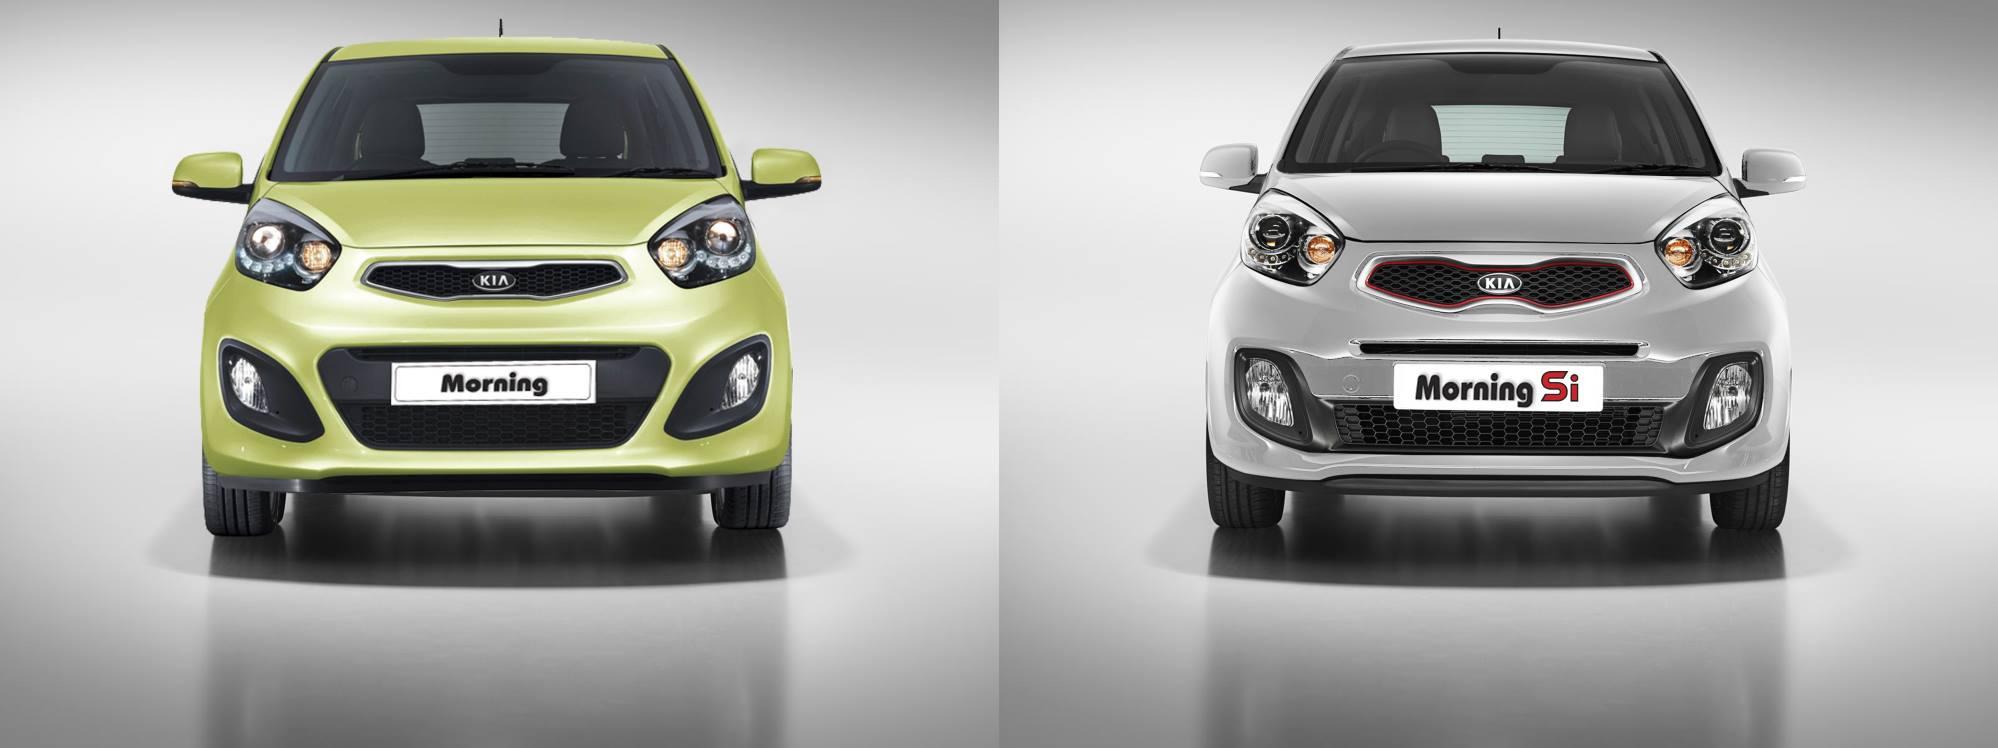 Nội thất của ô tô giá rẻ Kia Morning Si 2015 được trang bị nhiều tính năng tiện ích